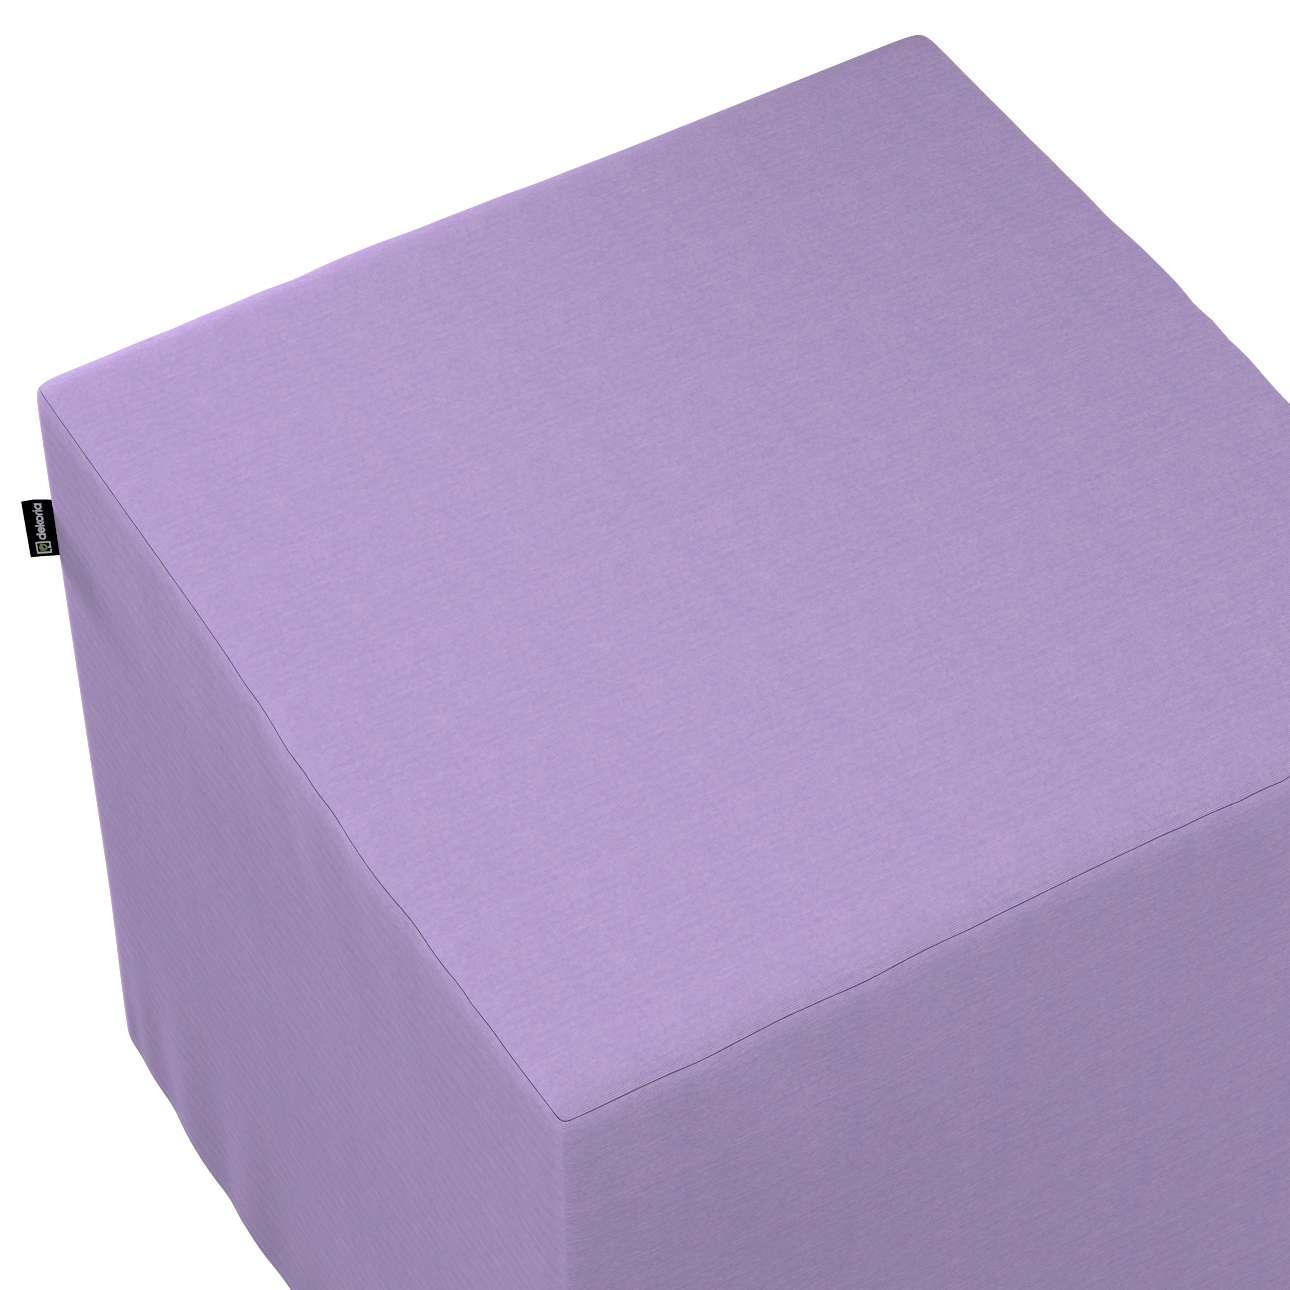 Taburetka tvrdá, kocka V kolekcii Jupiter, tkanina: 127-74